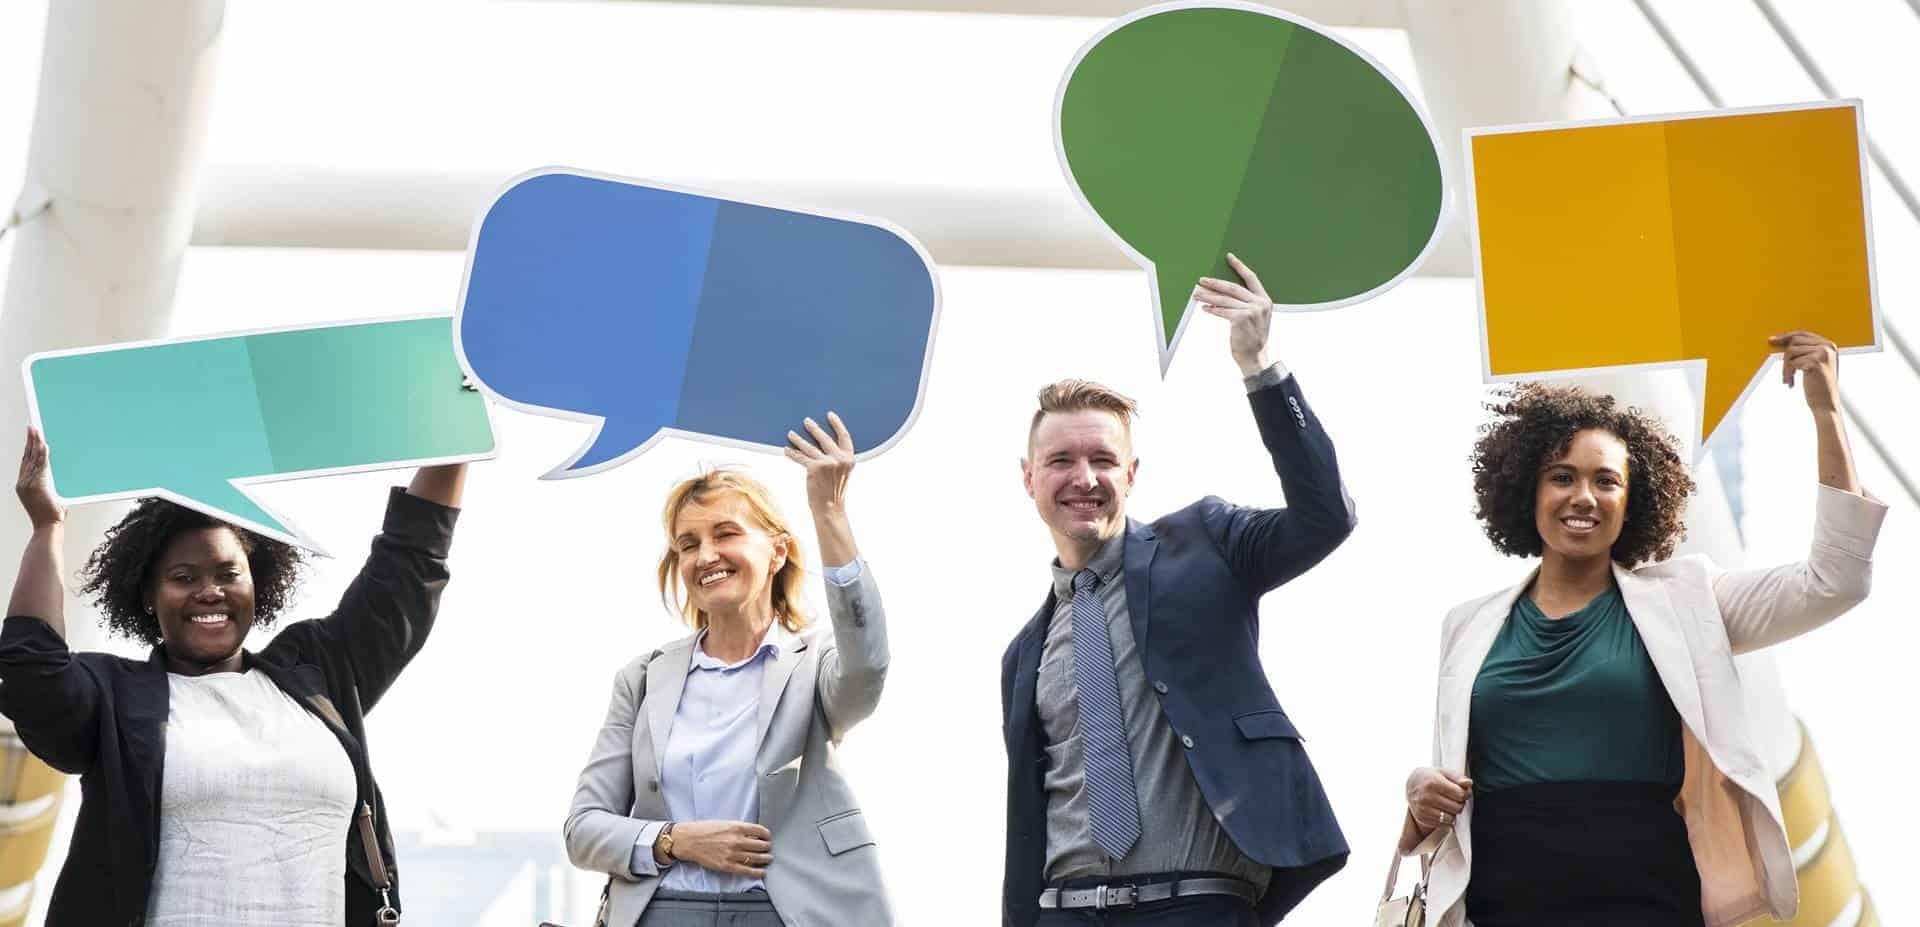 Senza nome 3 - Cómo utilizar Whatsapp para la atención al cliente [guía 2020]